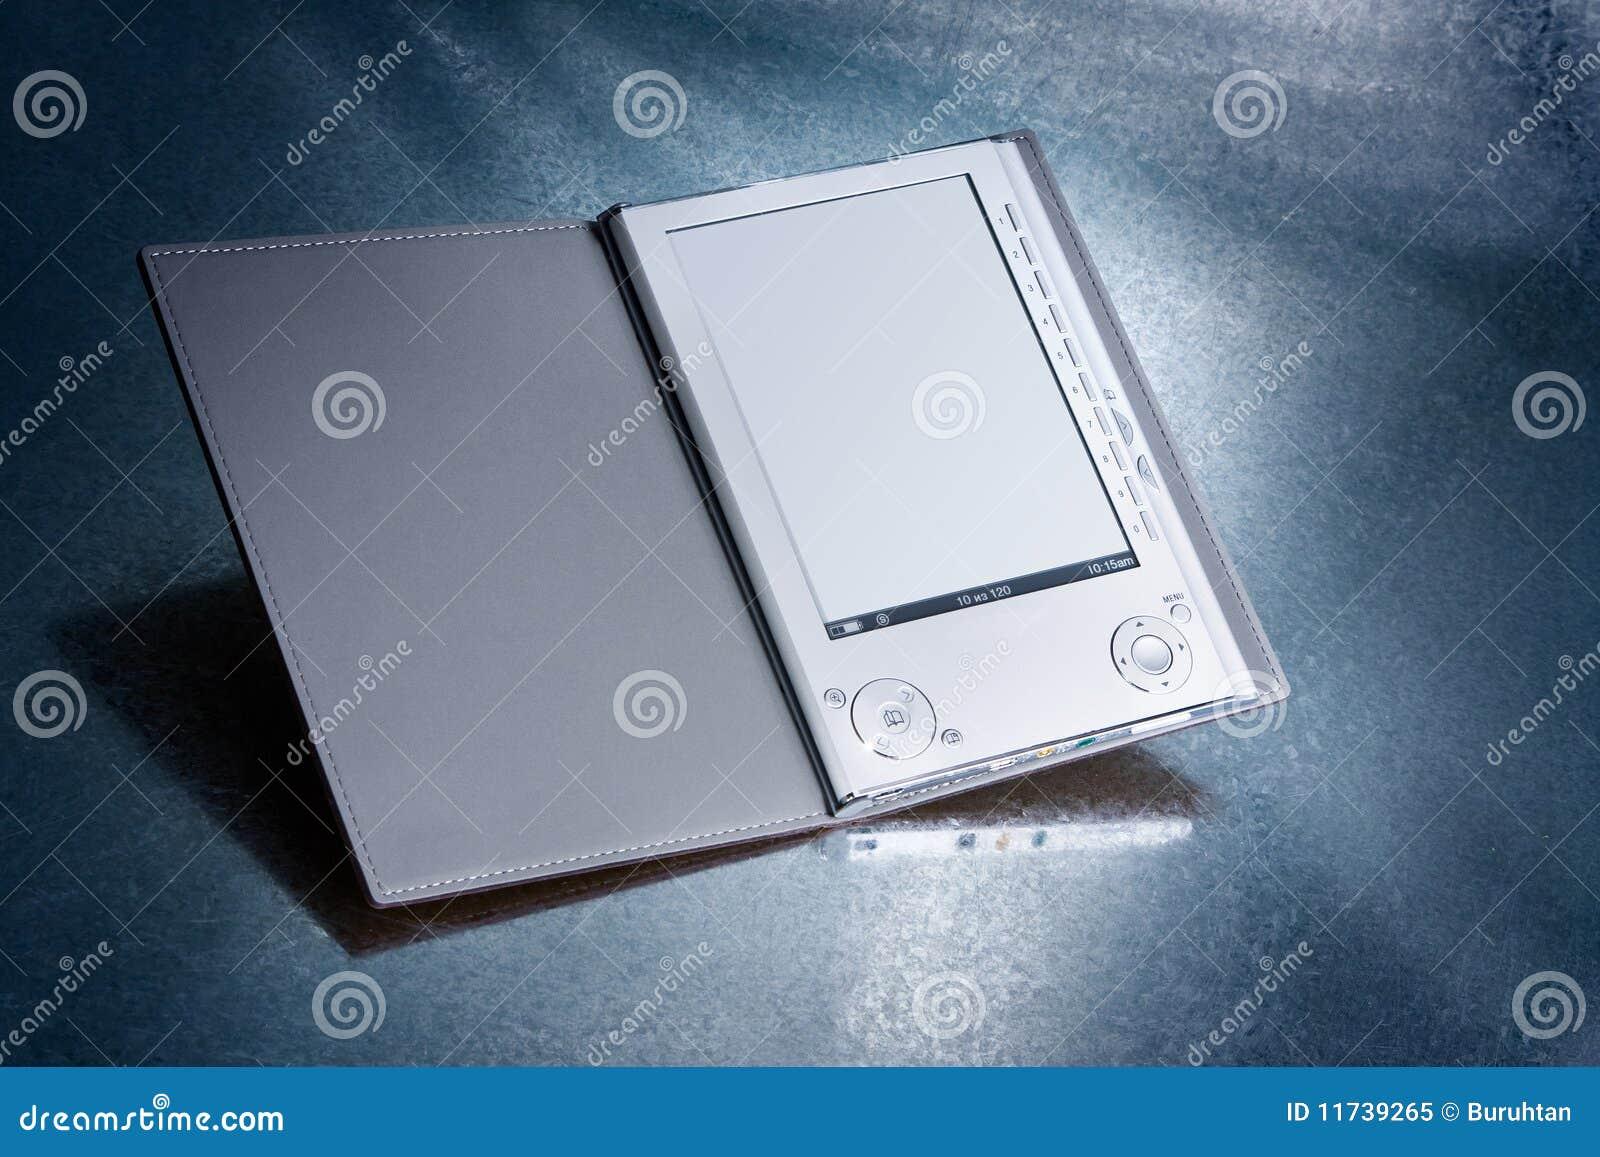 Silver ebook